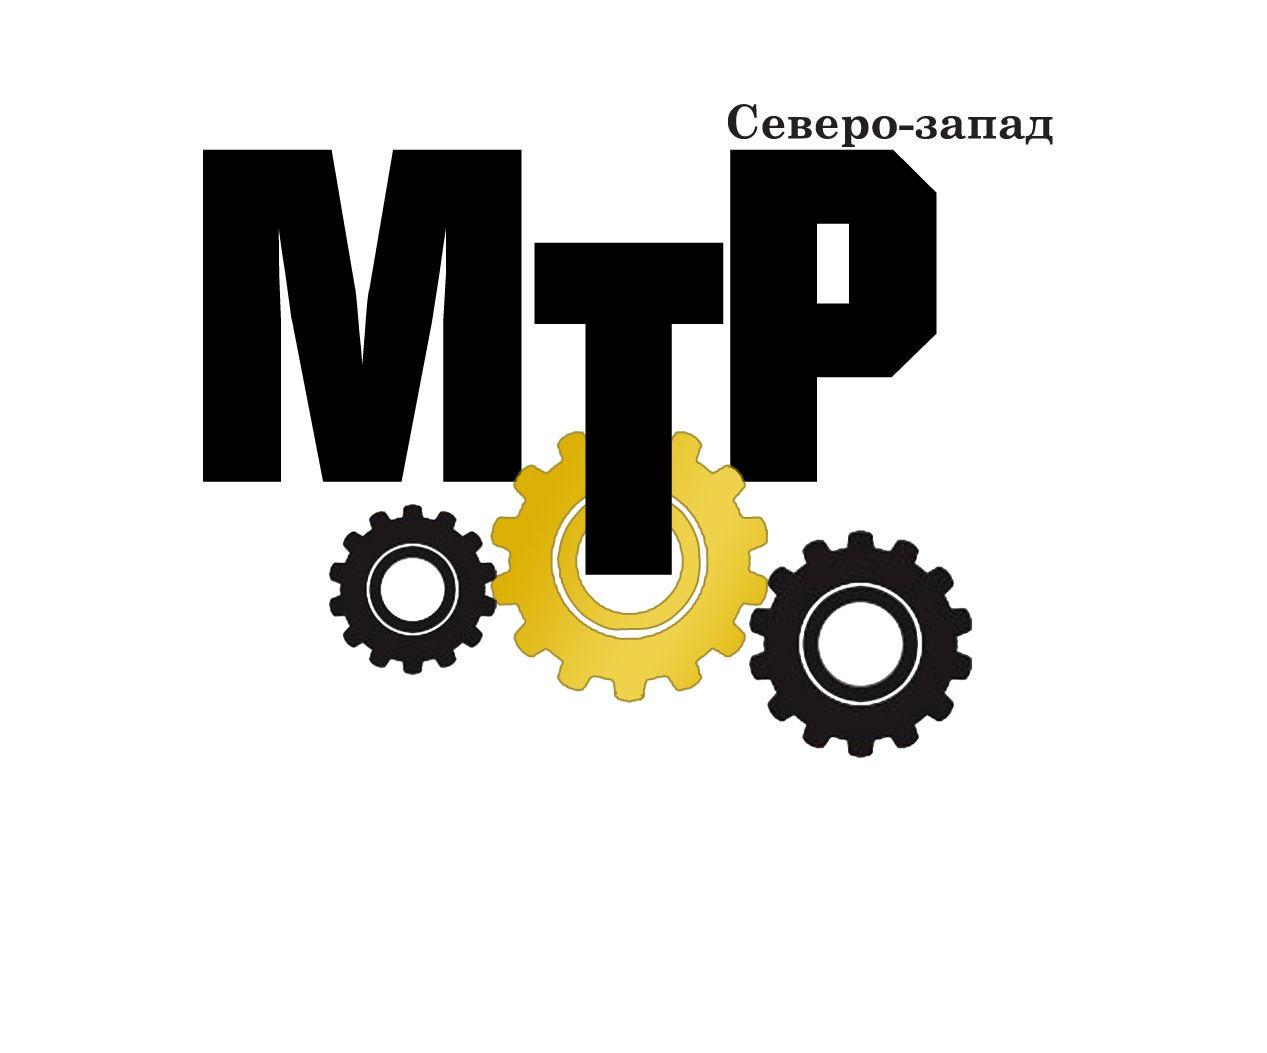 Редизайн лого (производство и продажа мототехники) - дизайнер M_Kopchevskij